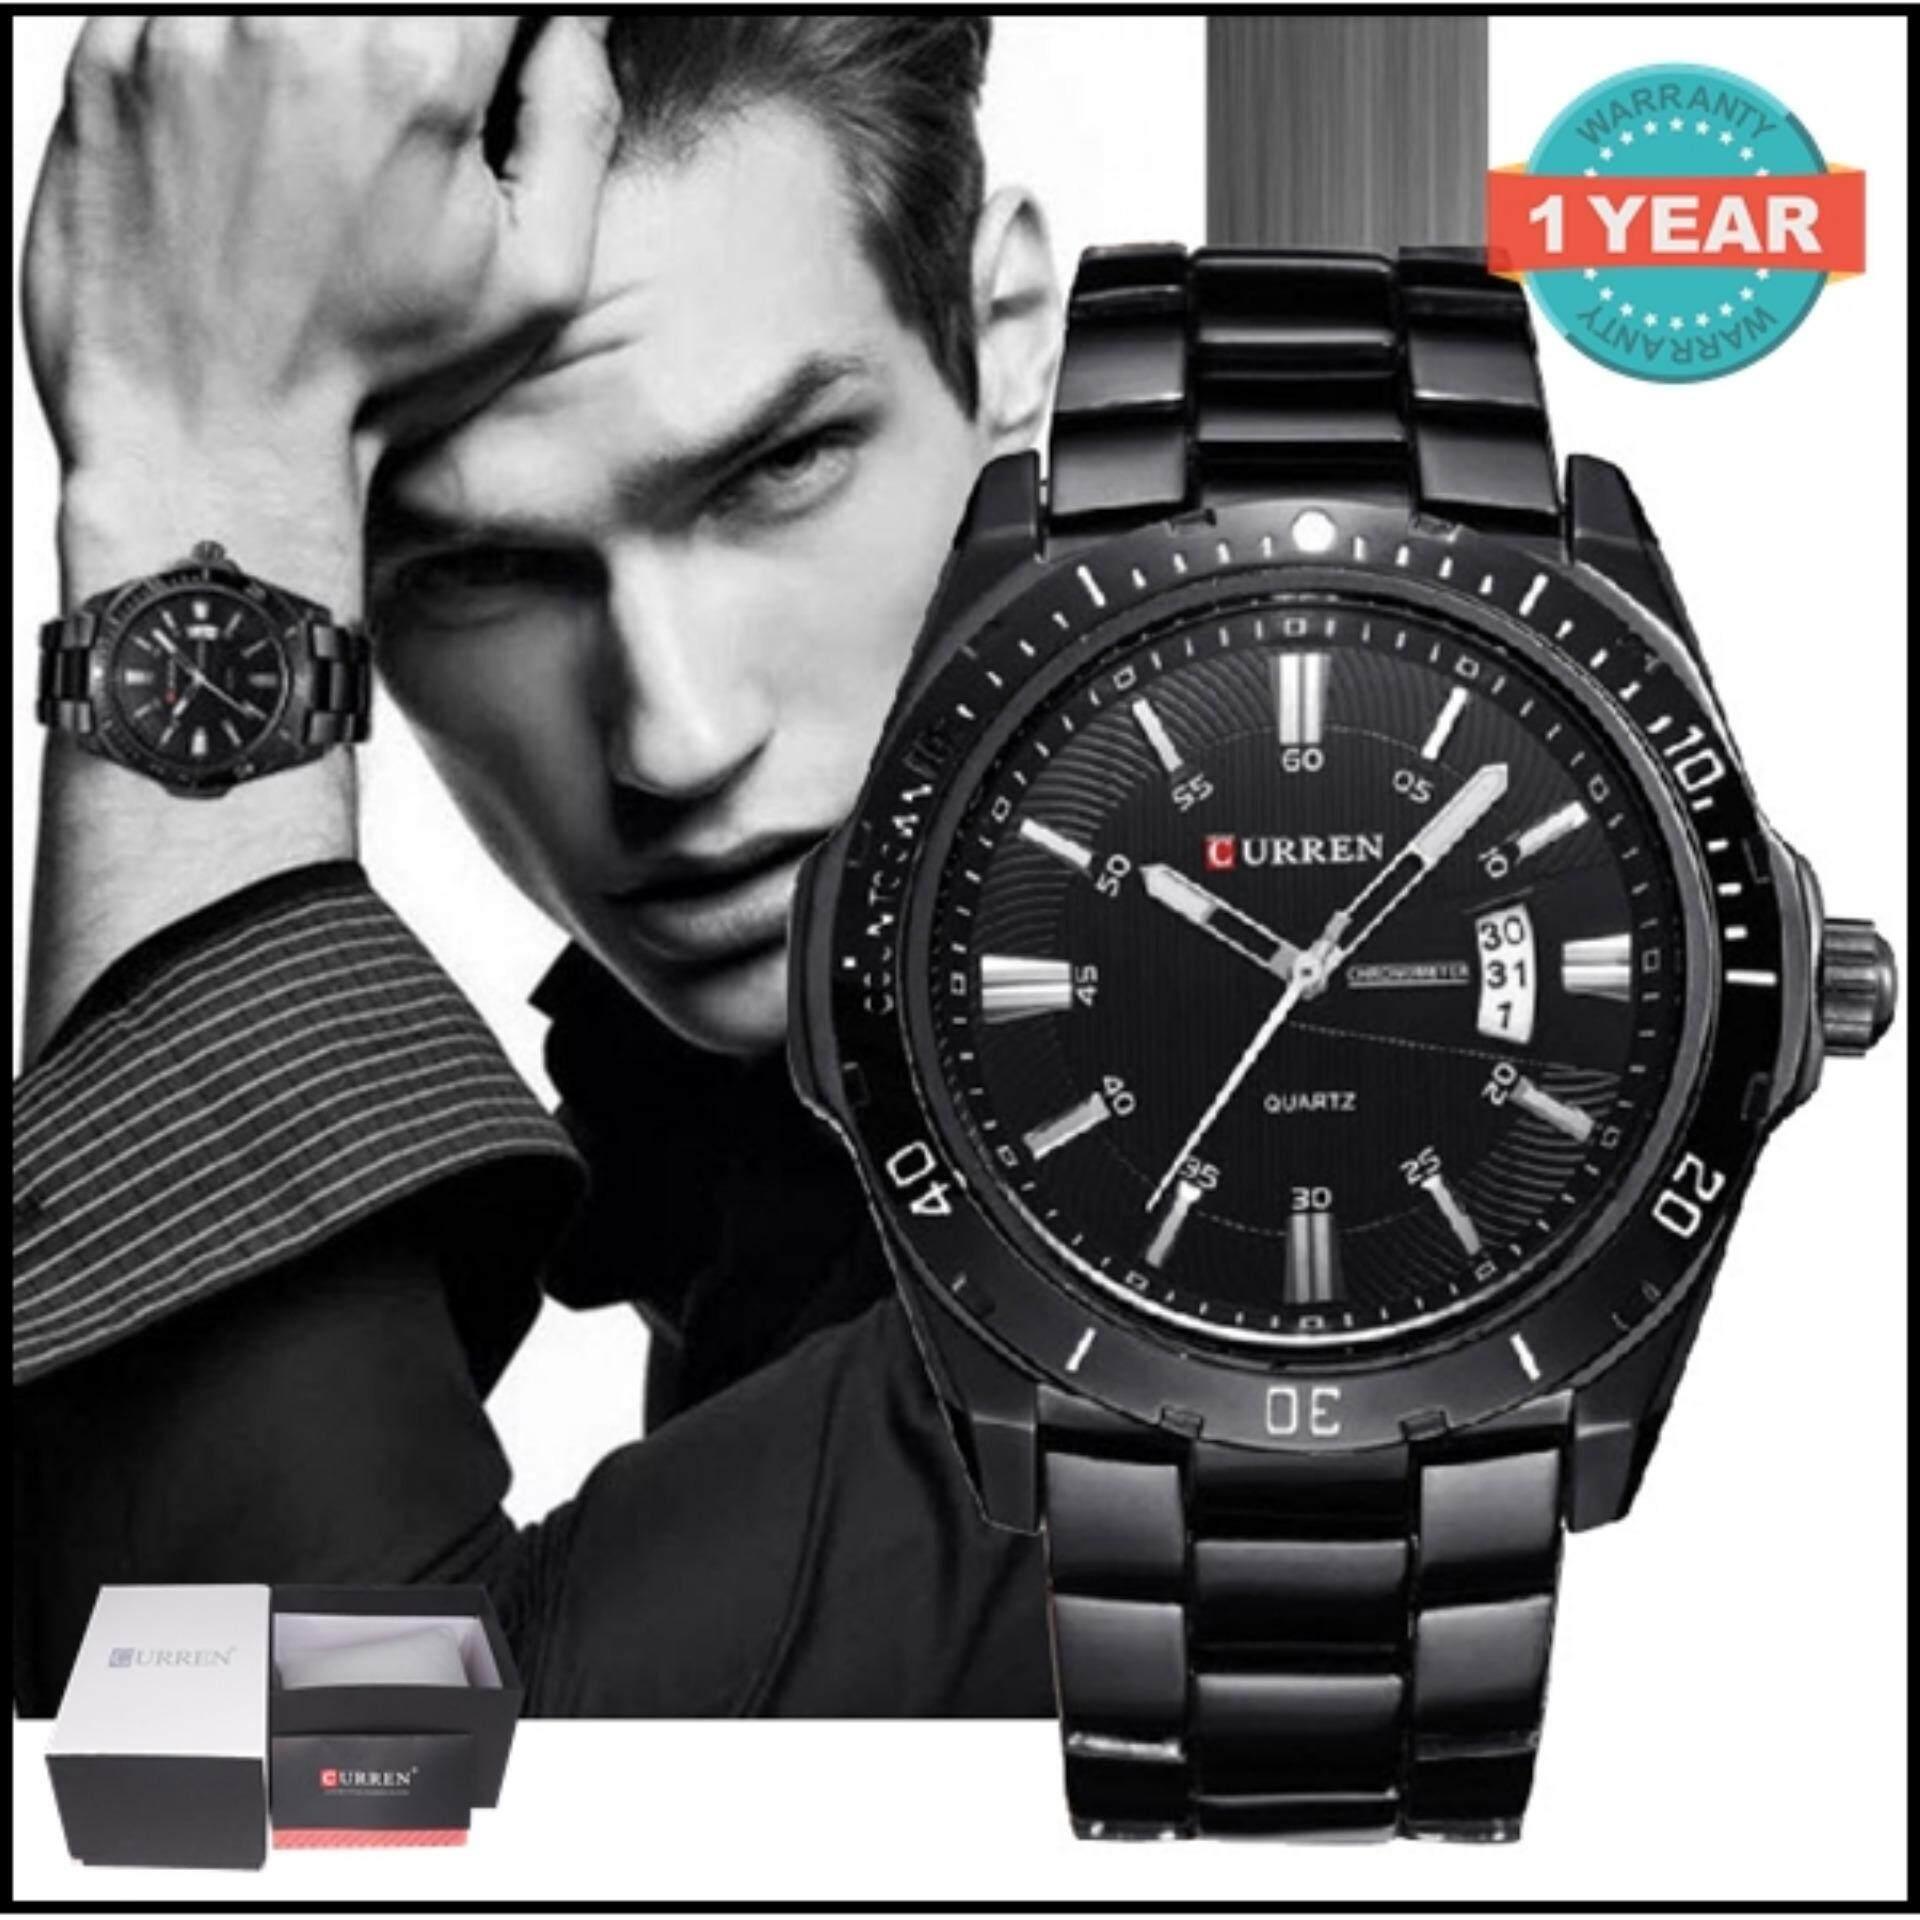 ซื้อ Curren นาฬิกาข้อมือสุภาพบุรุษ สายสแตนเลส รุ่น C8110 Black ออนไลน์